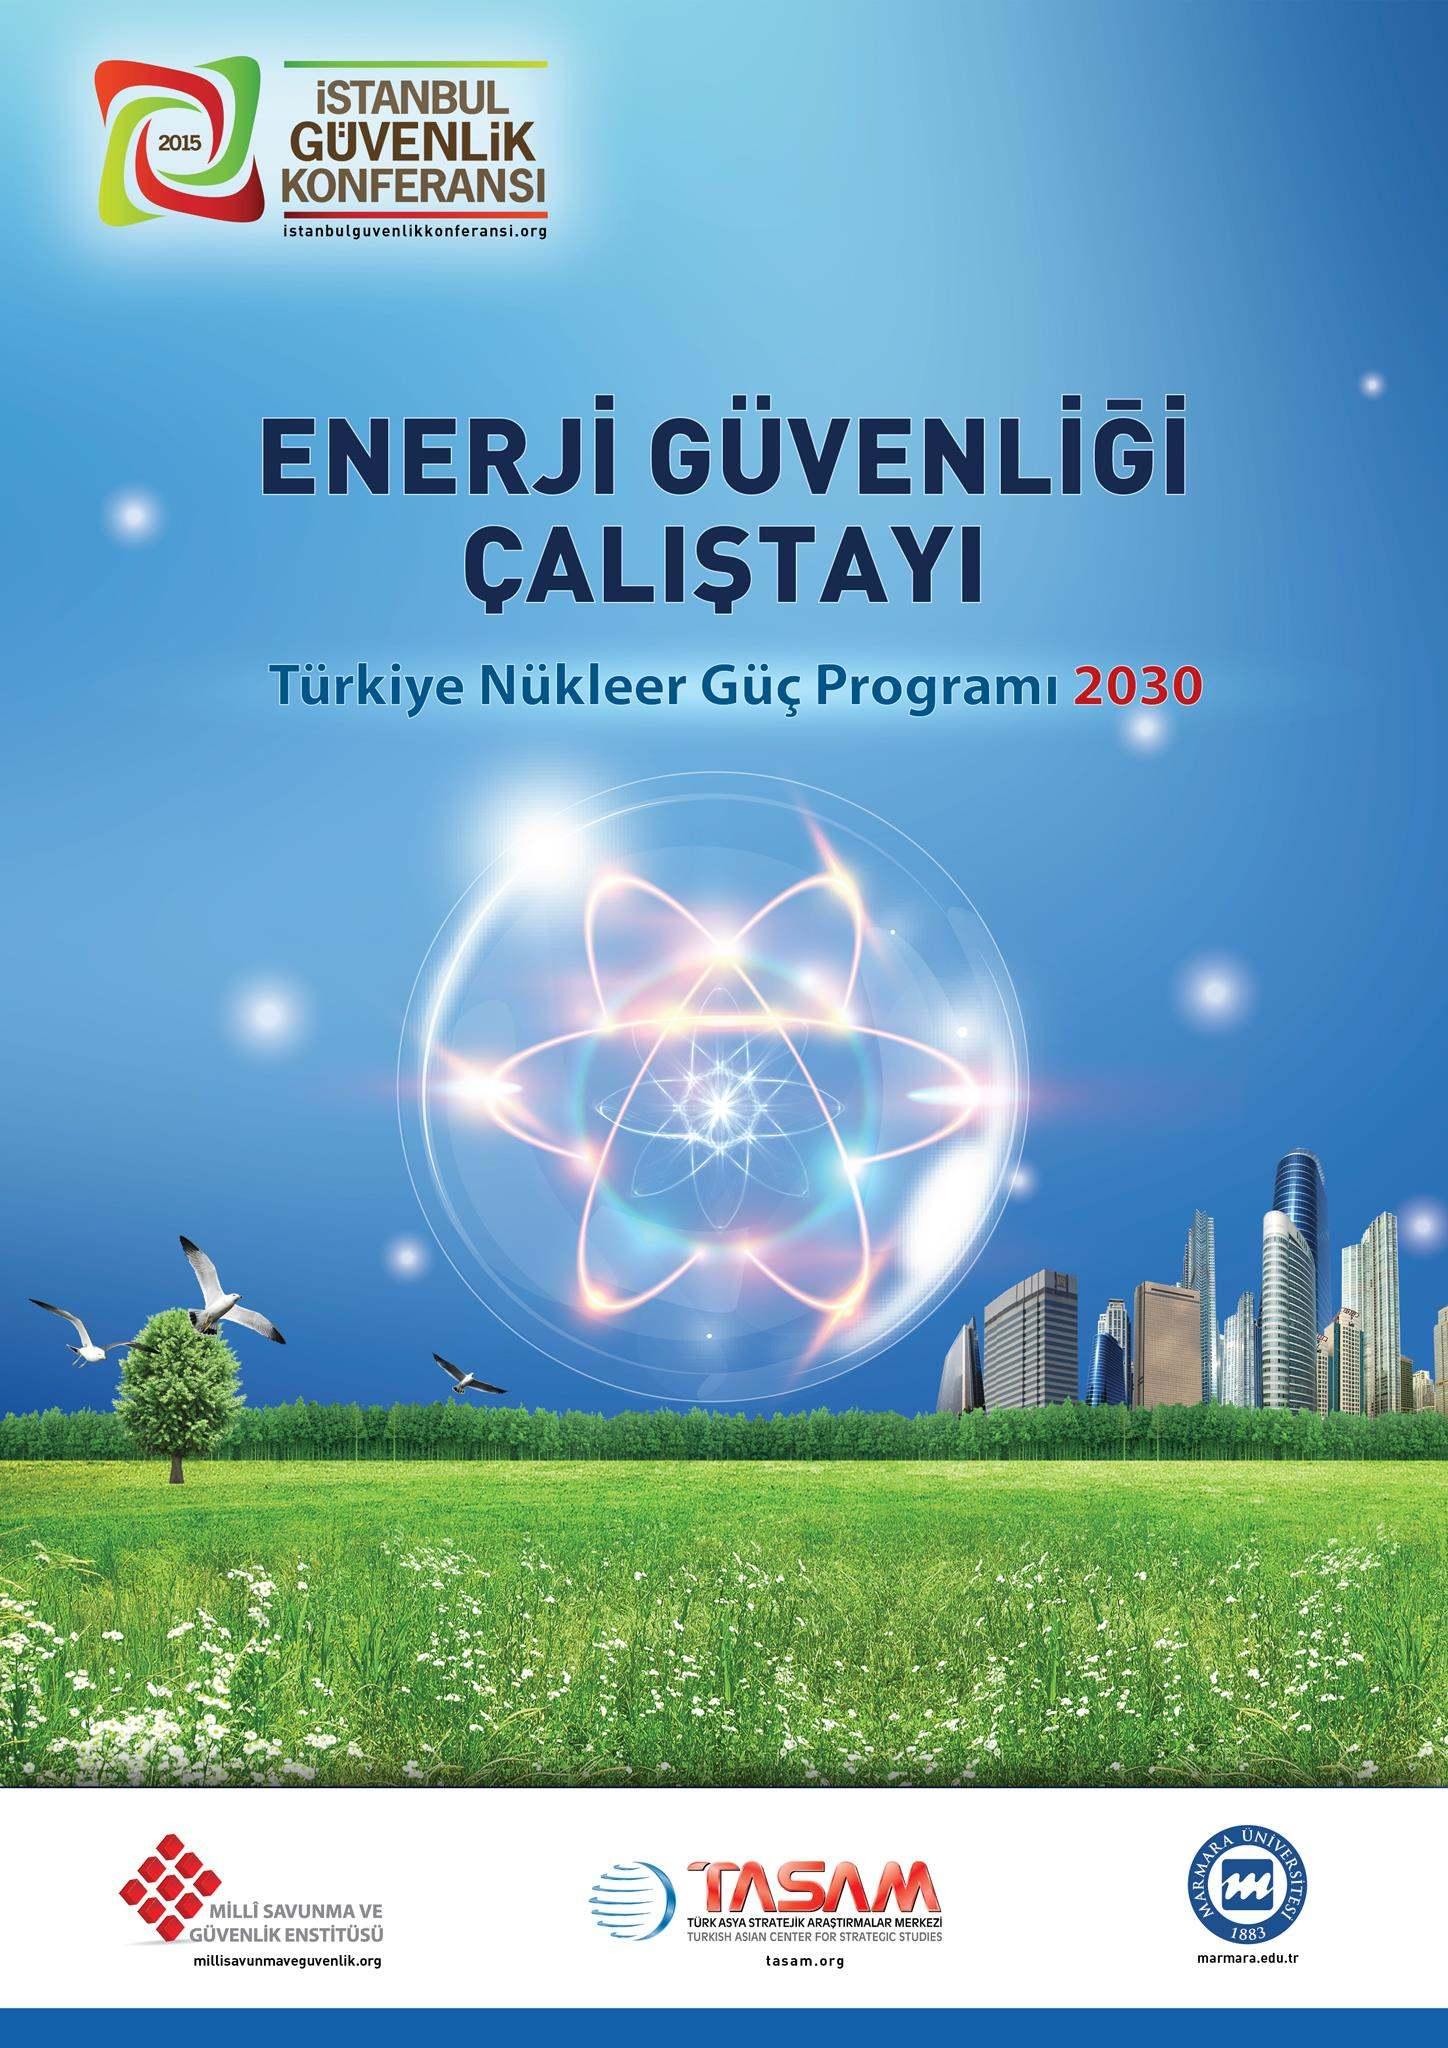 Enerji Güvenliği Çalıştayı | İstanbul Güvenlik Konferansı 2015